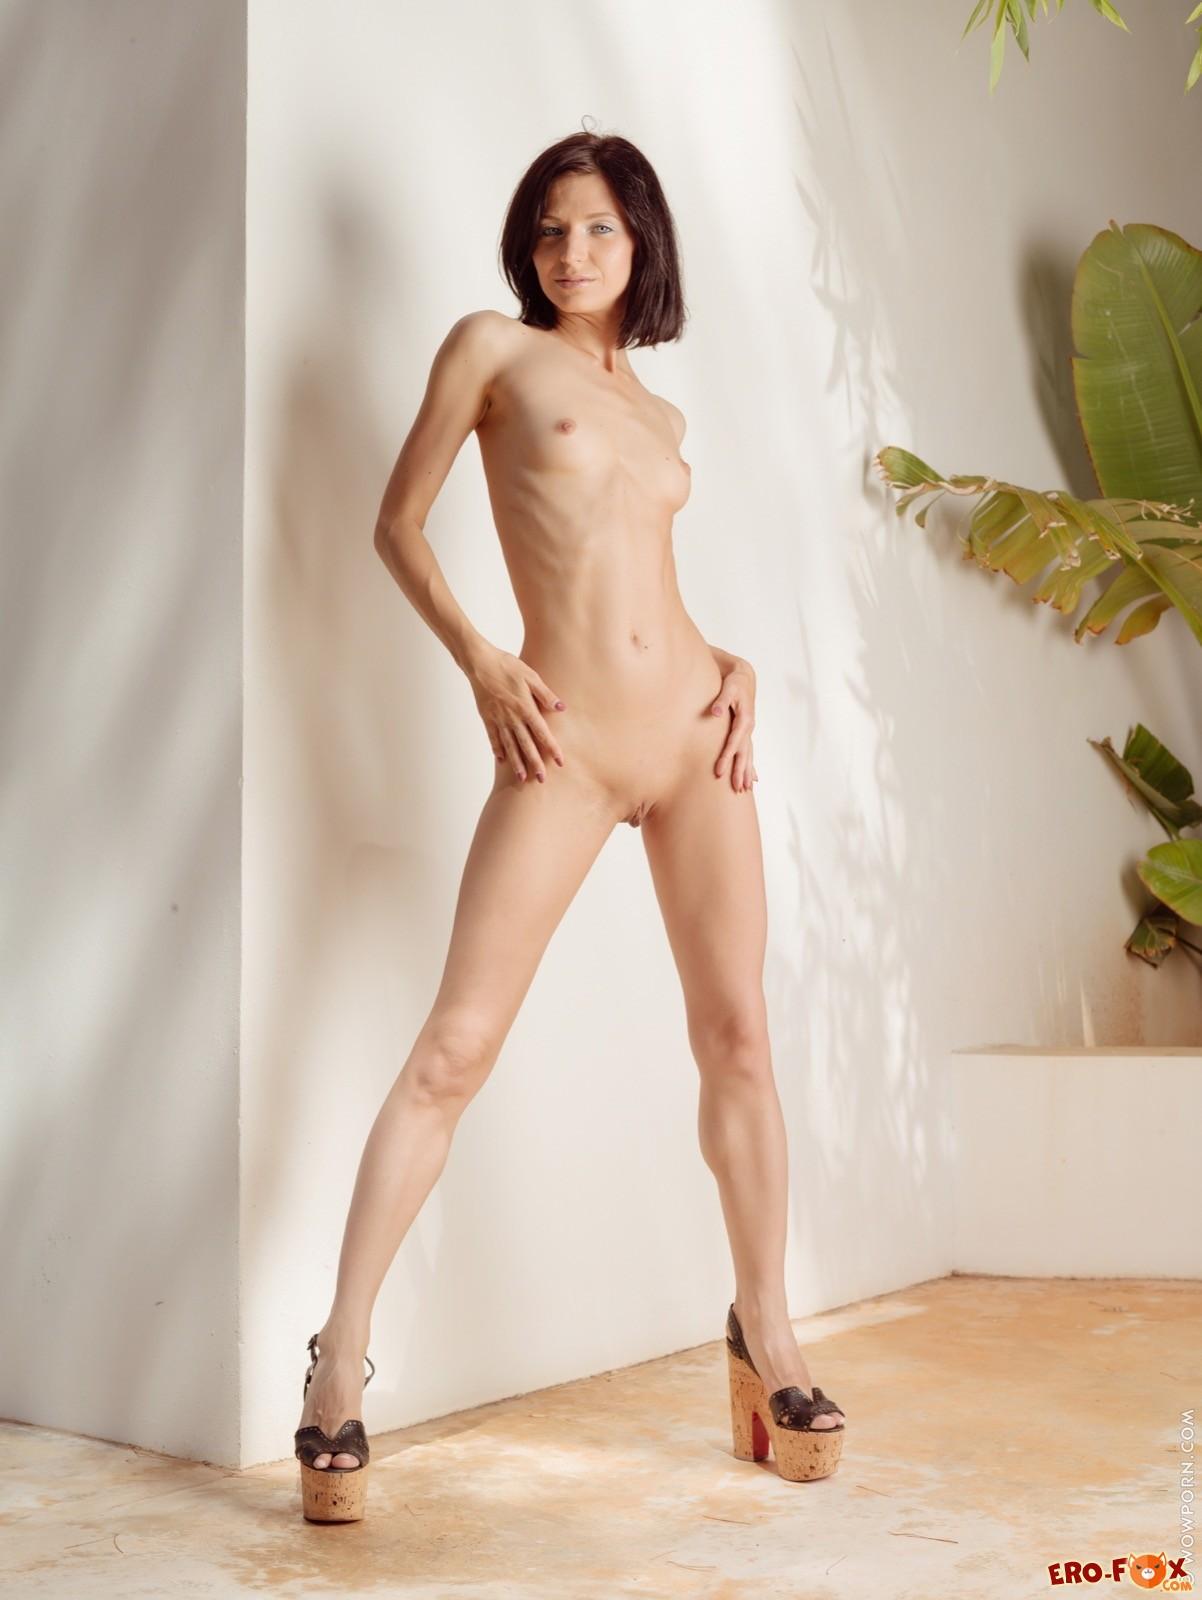 Худая голая девушка на каблуках